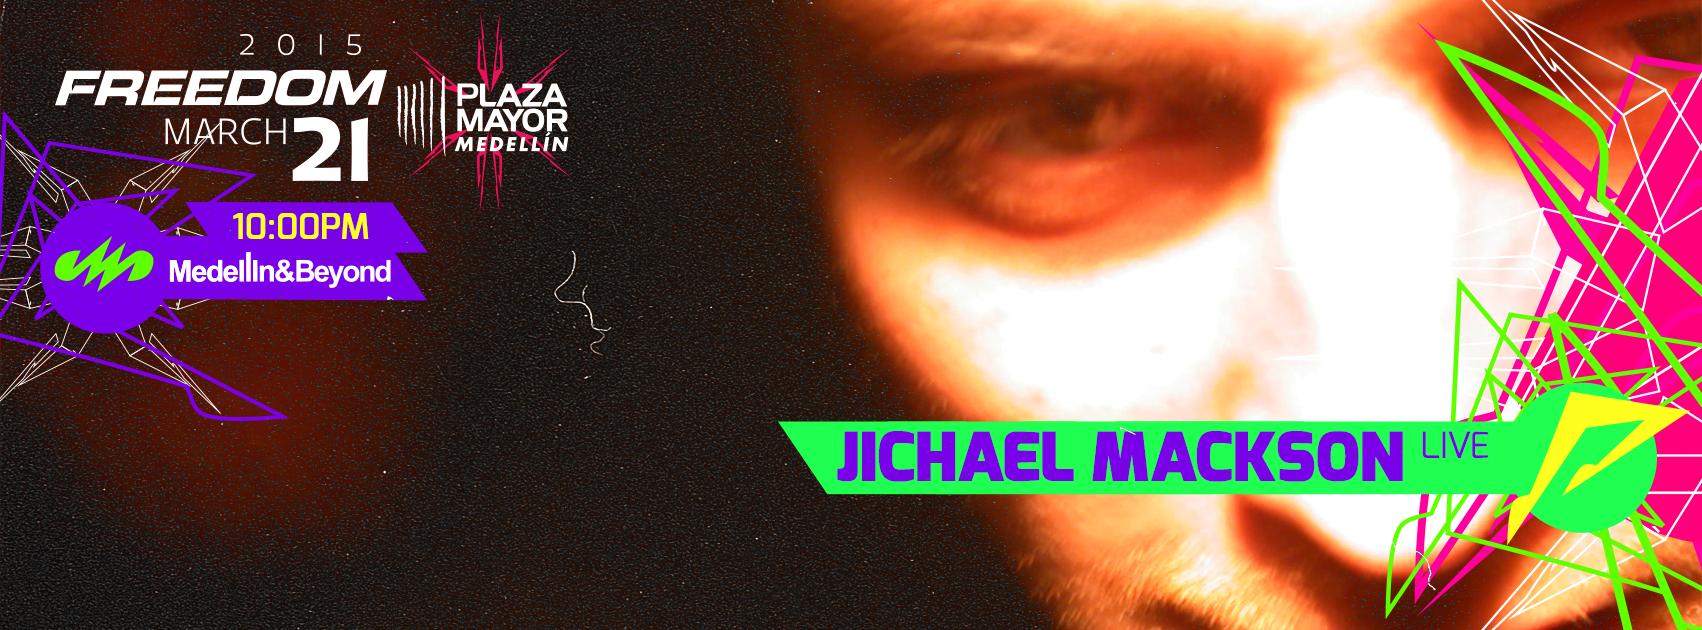 Descarga YA el HIMNO del FREEDOM 2015 por JICHAEL MACKSON !!!